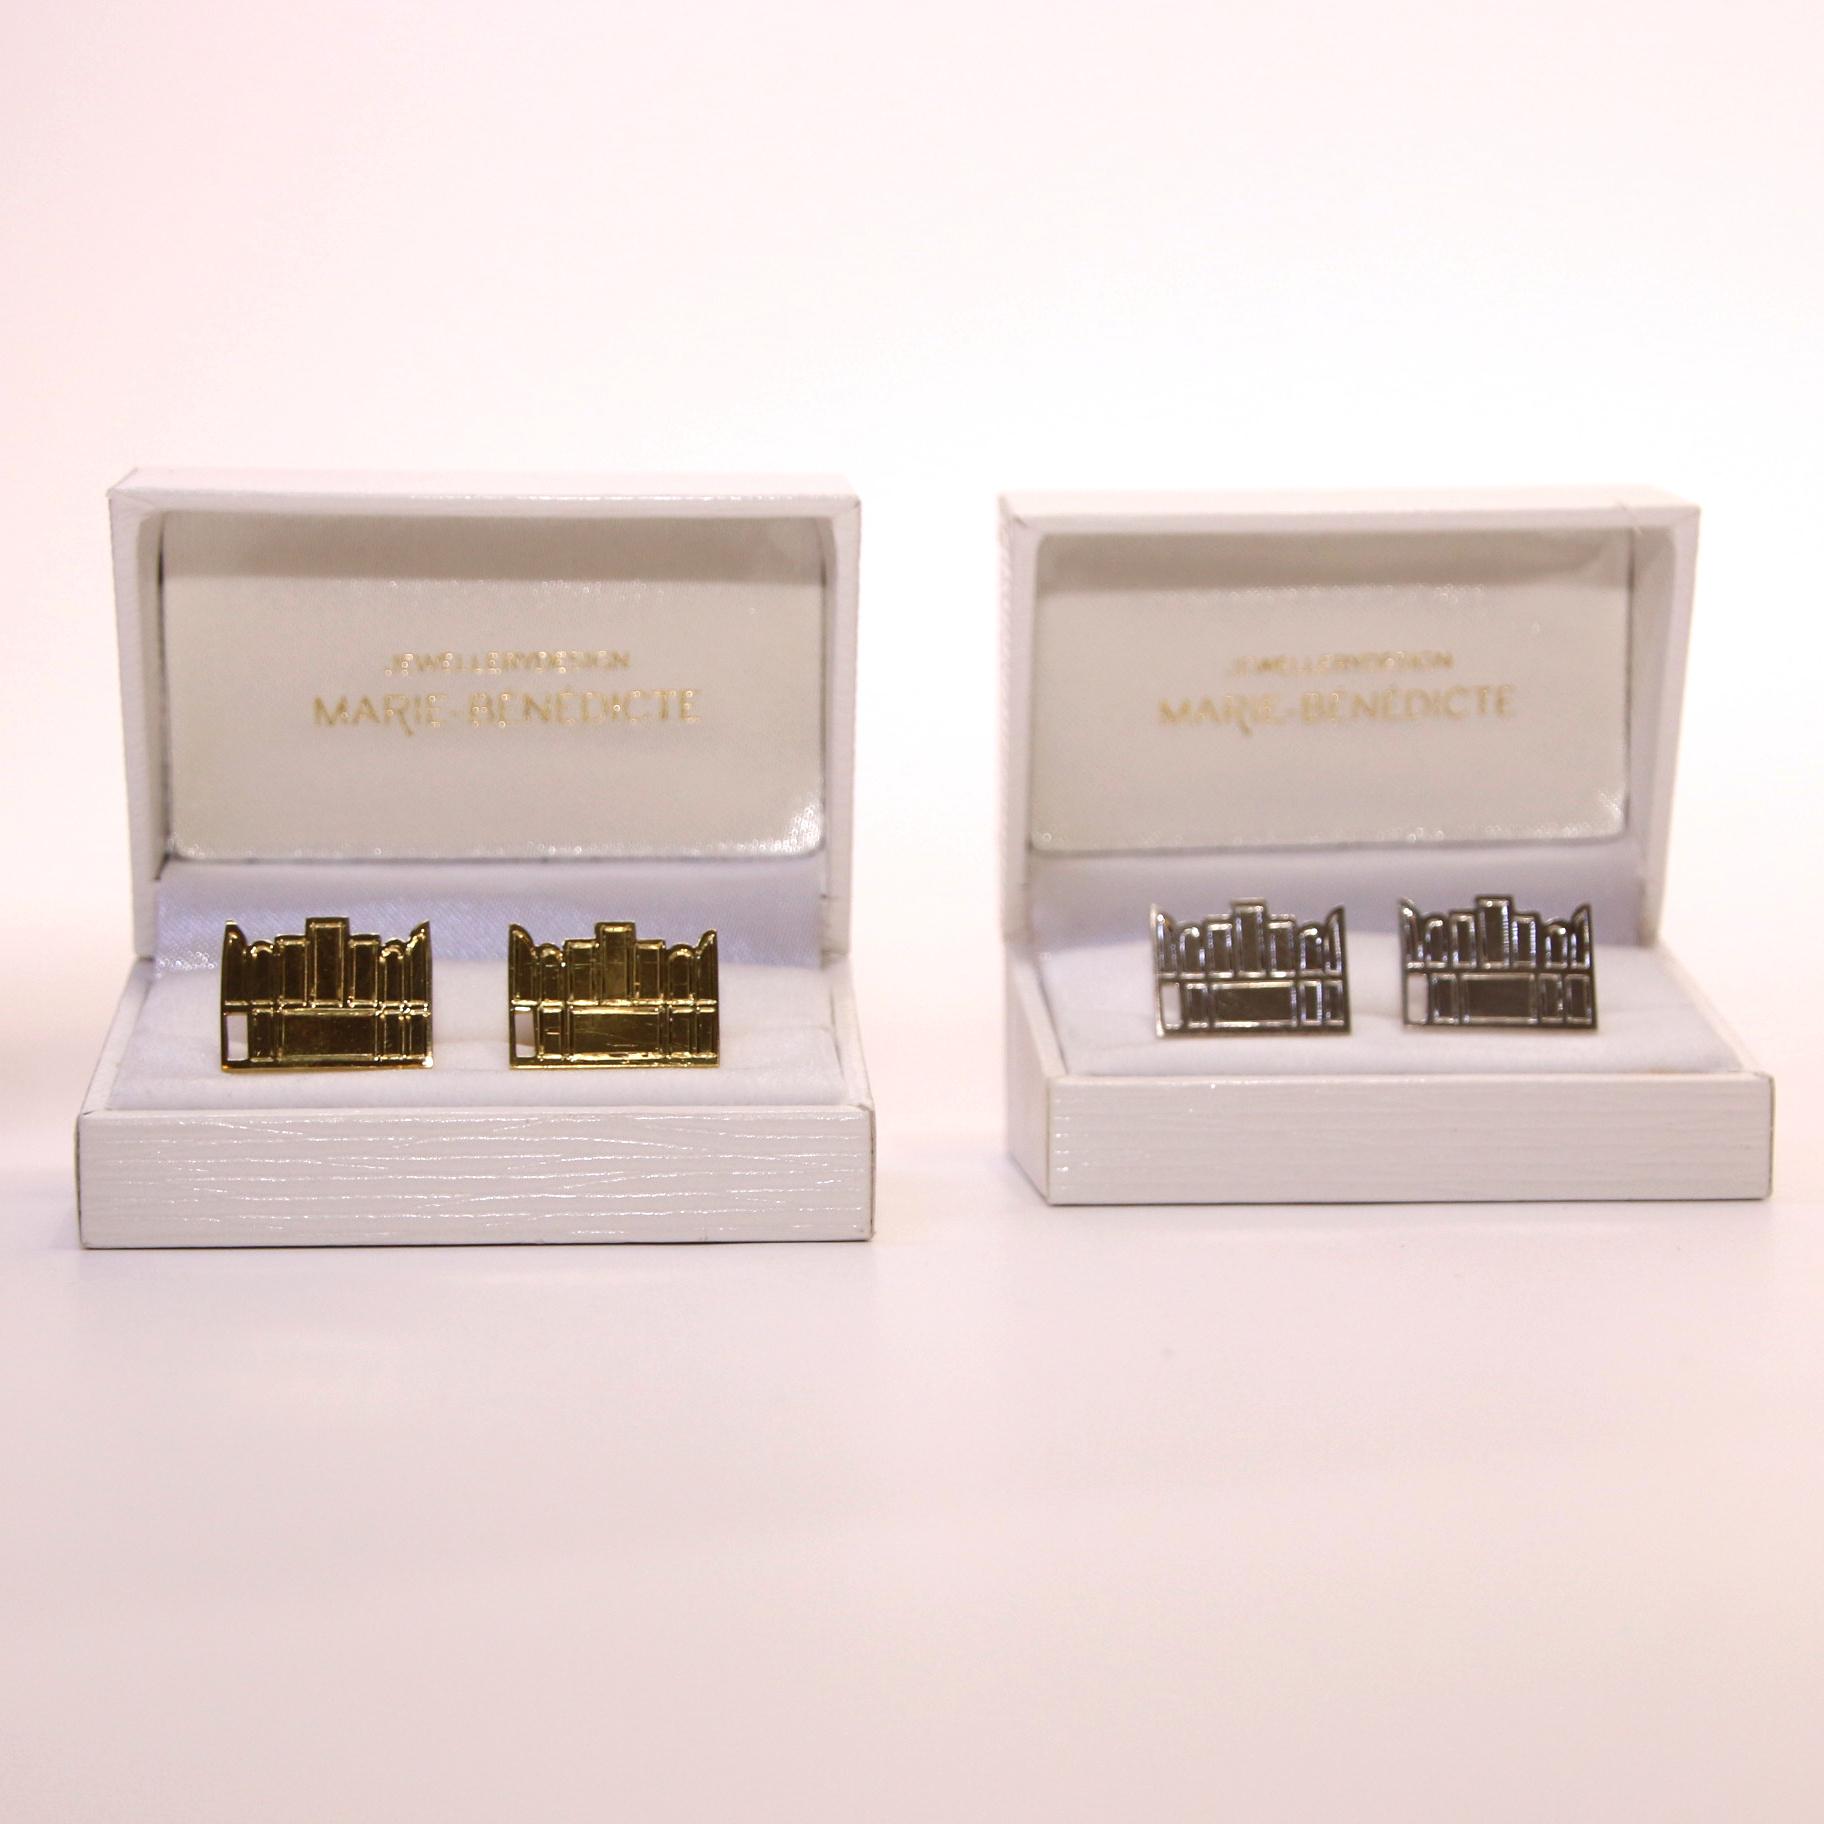 Marie-Bénédicte De Schryver Silver cuff links triptych - Marie-Bénédicte De Schryver